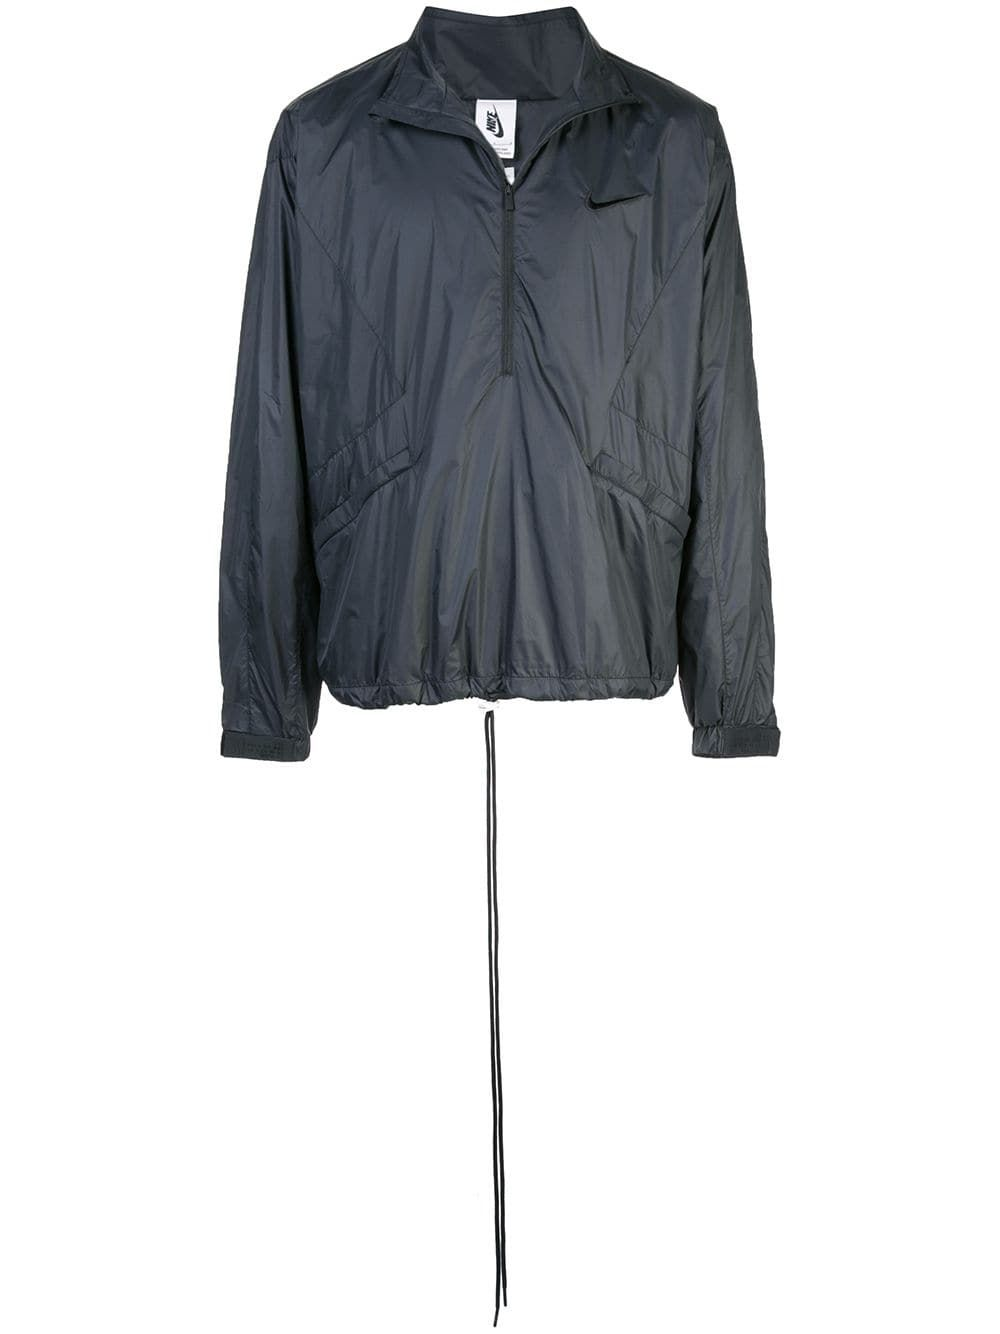 Nike Fear Of God Jacket | Jackets, Nike windrunner jacket